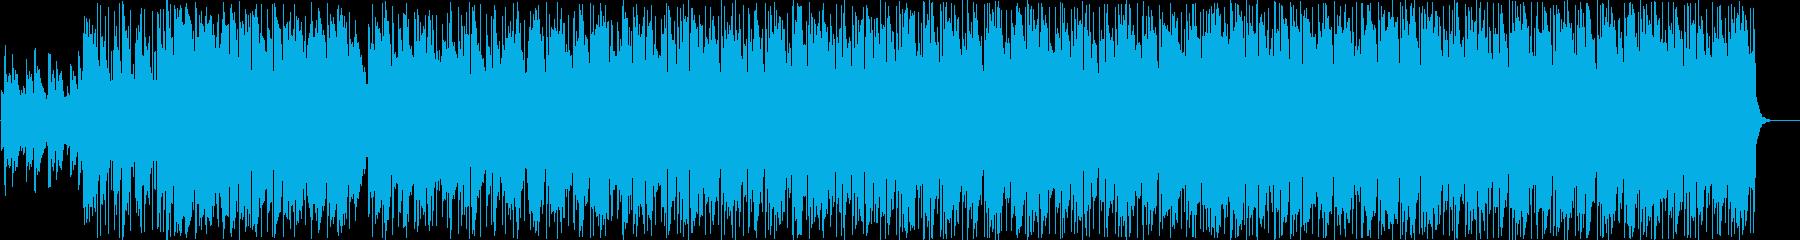 エレピが効いたメロウなバラードの再生済みの波形